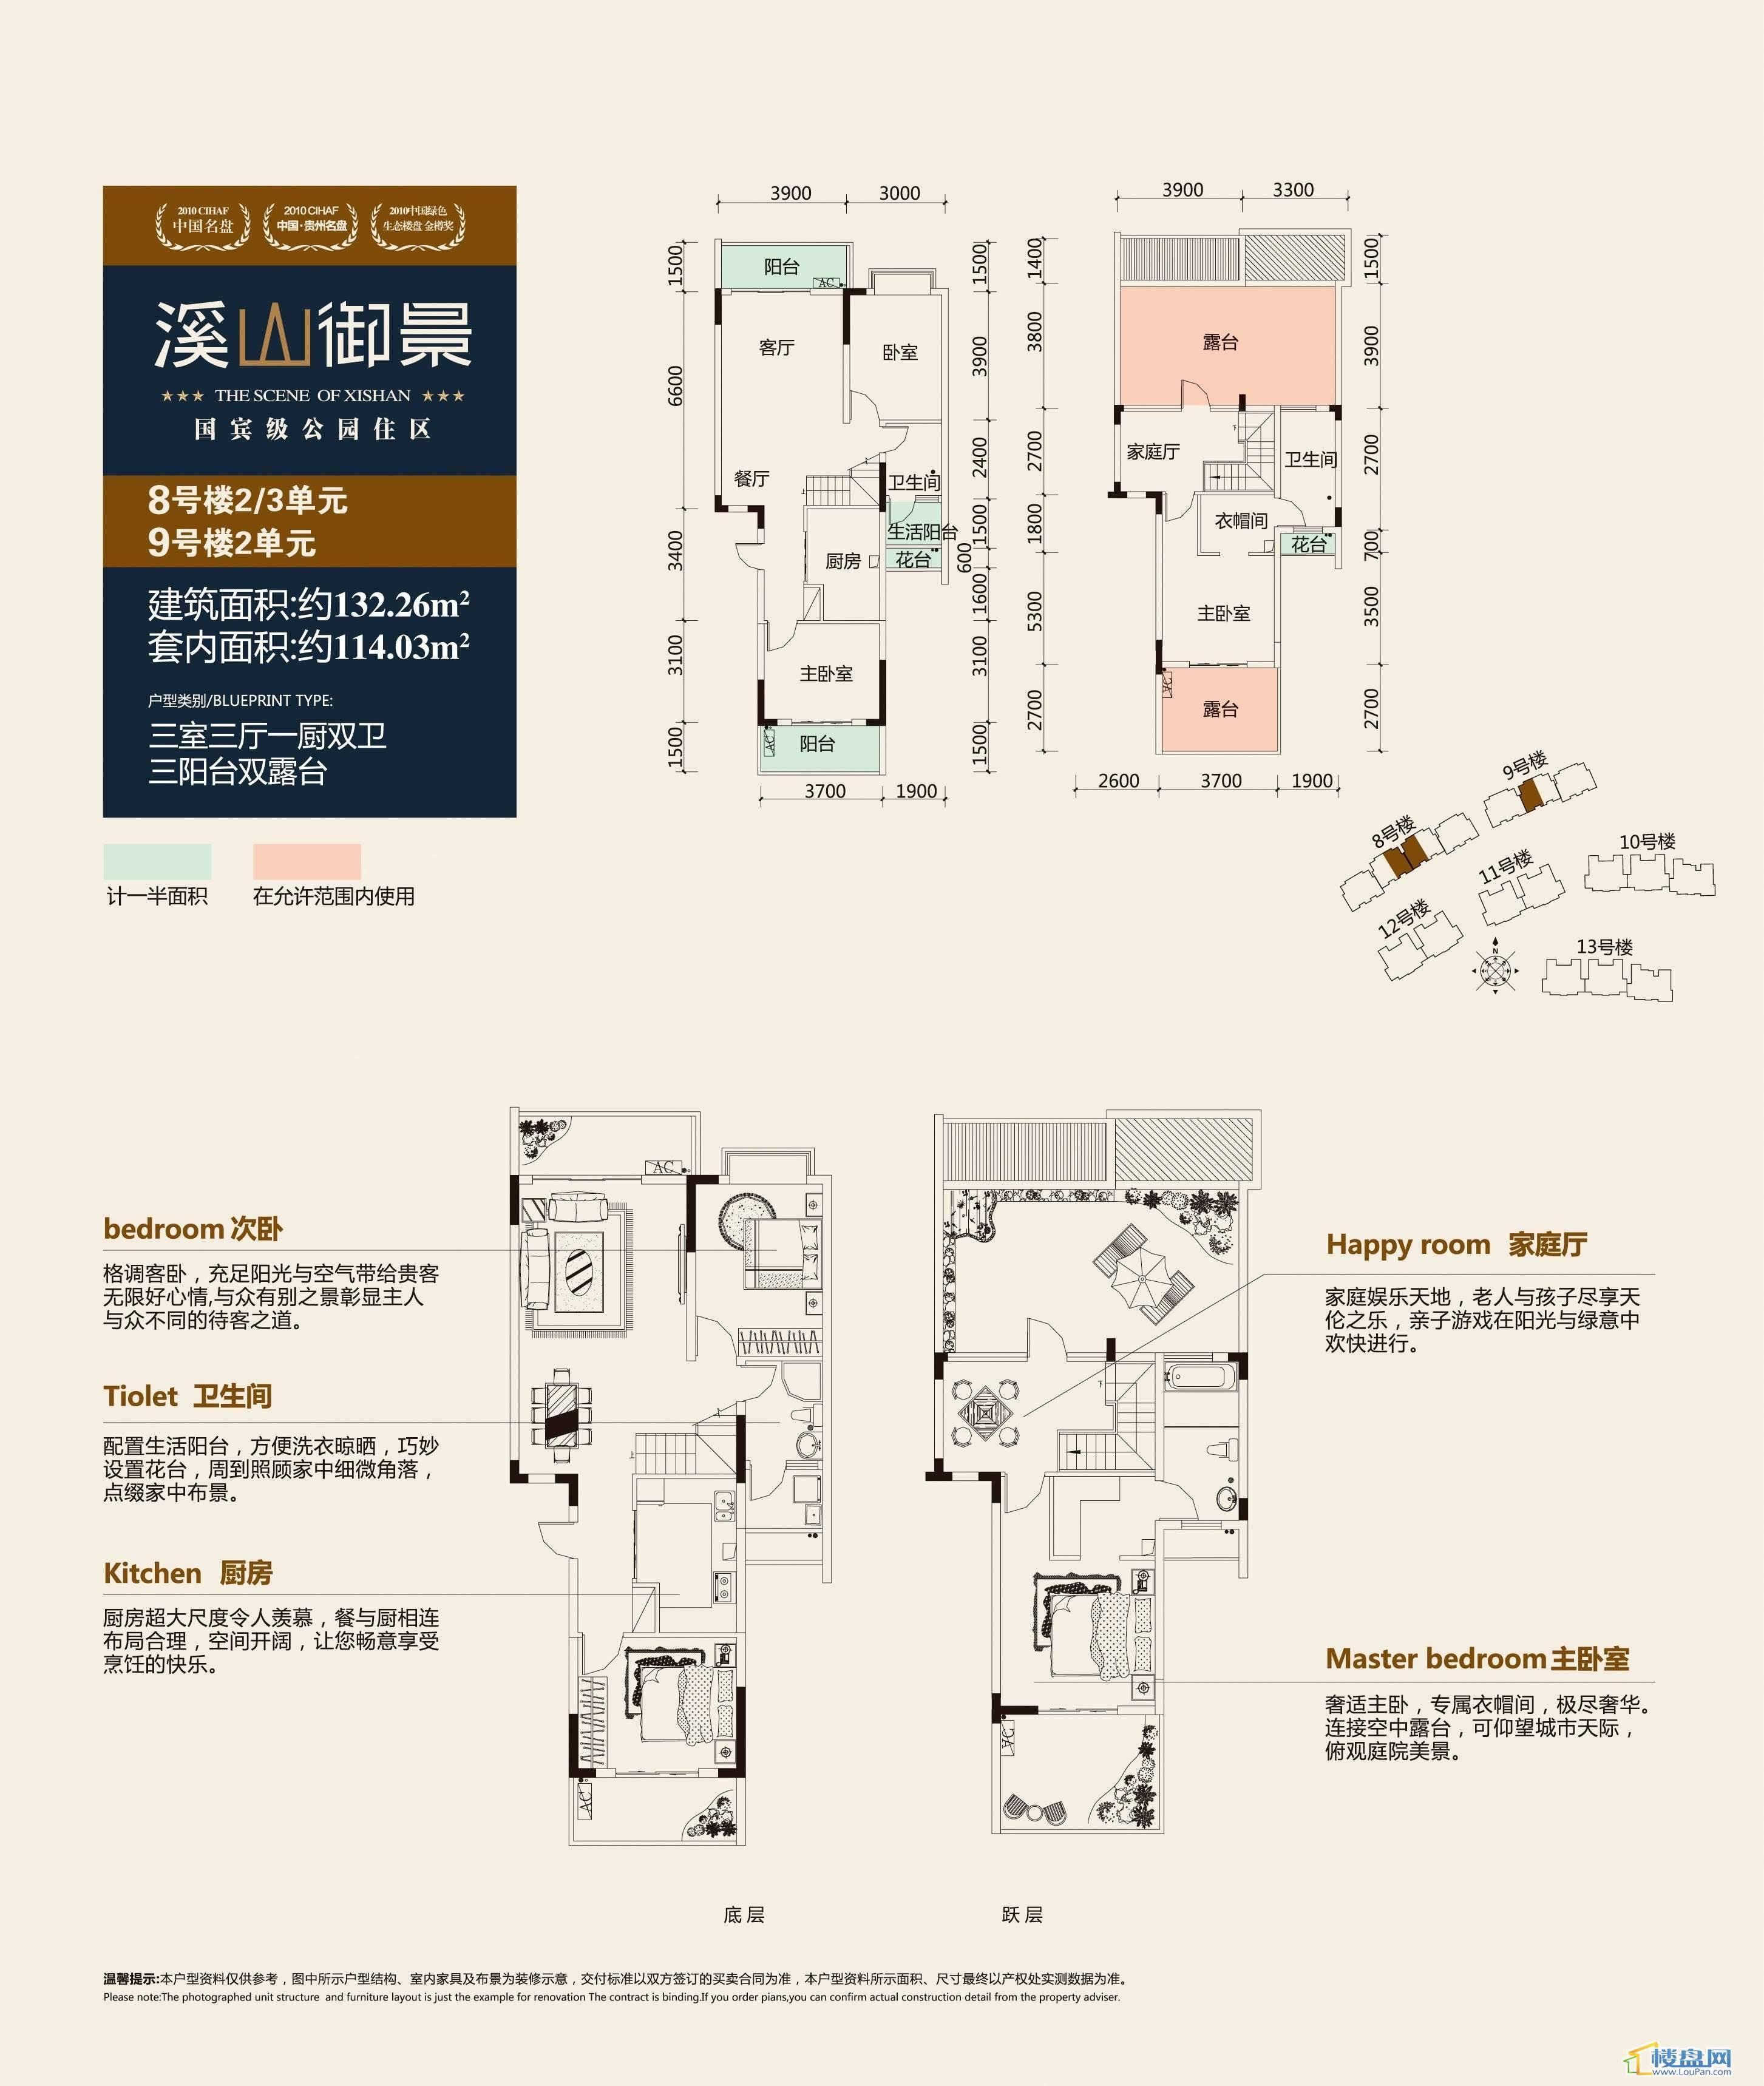 溪山御景8号楼2、3单元及9号楼2单元 三室三厅一厨双卫三阳台双露台